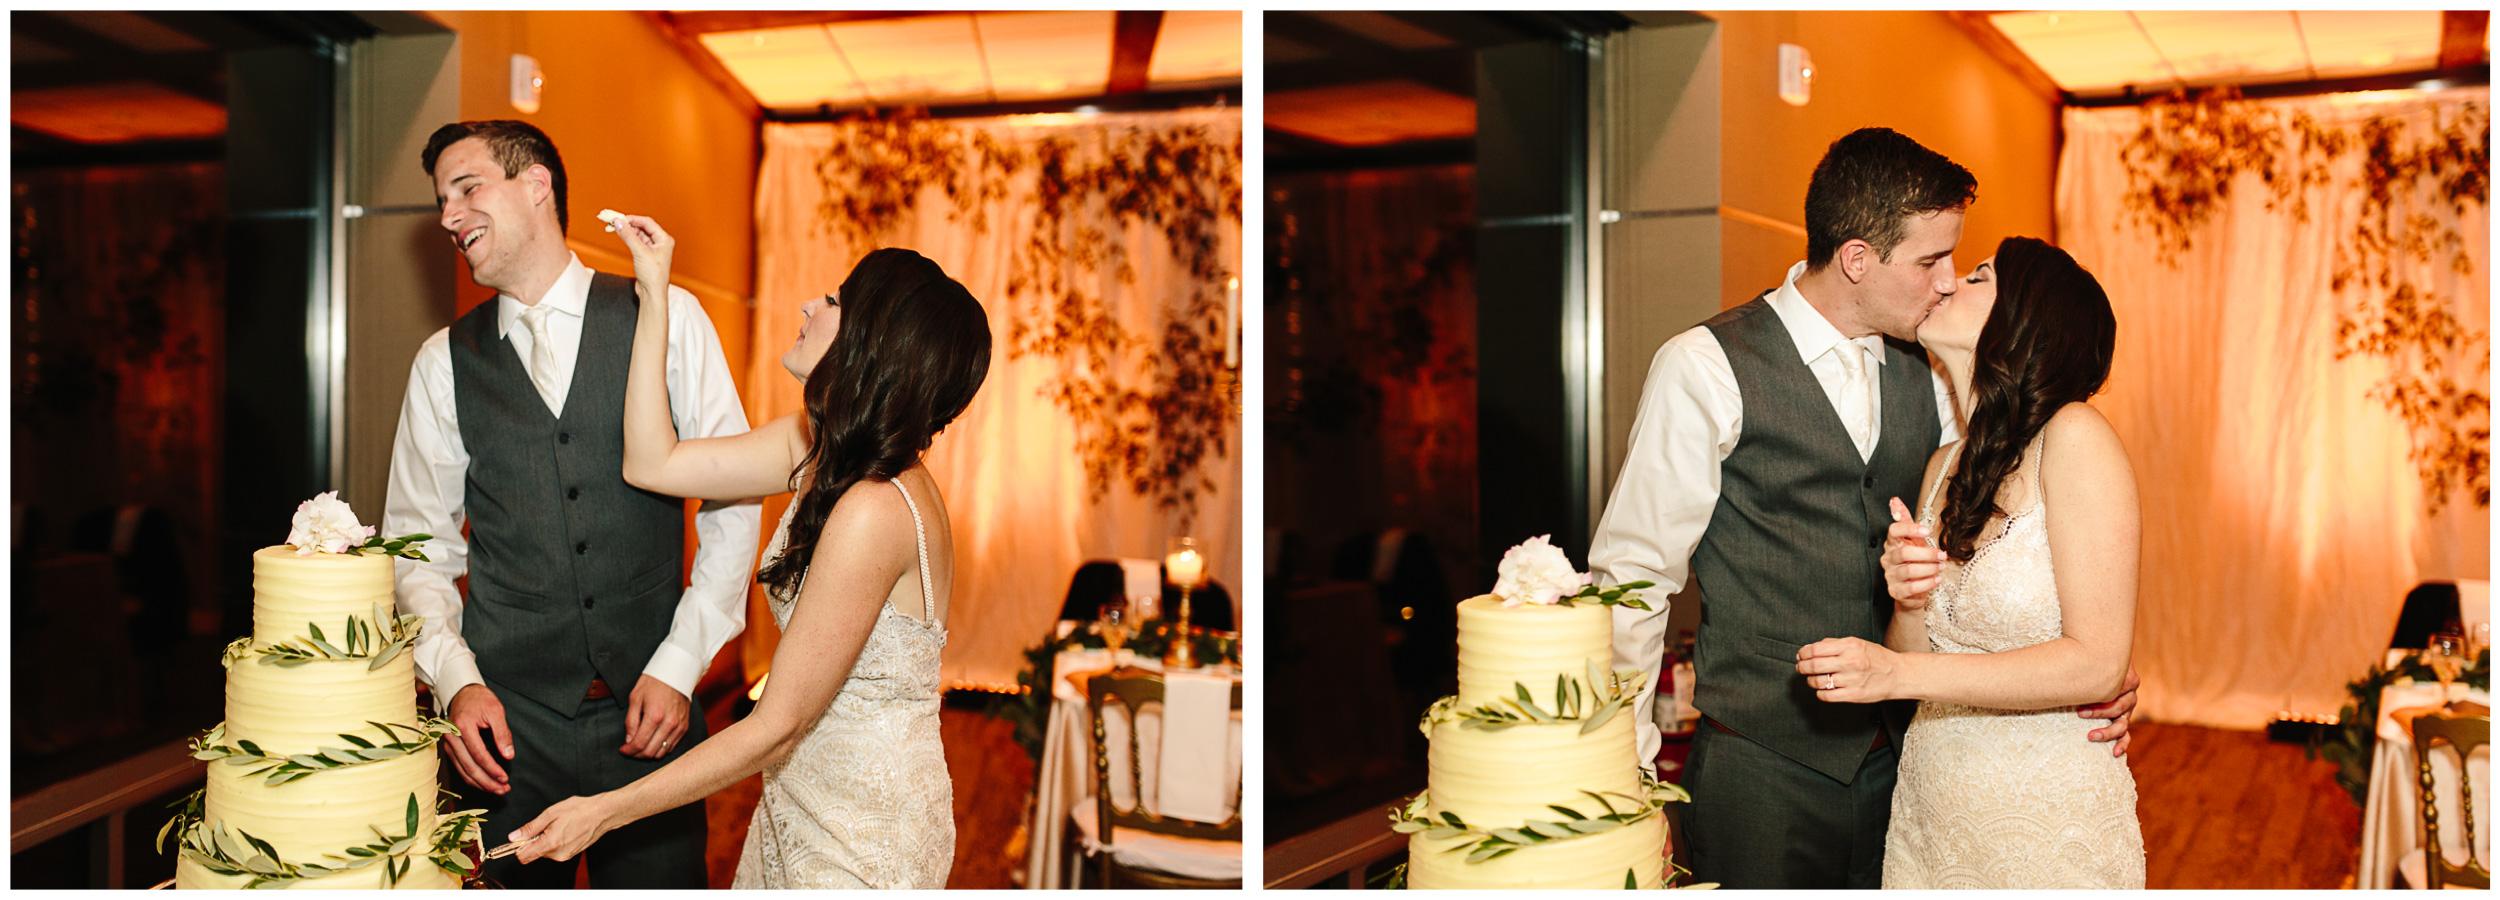 marie_selby_wedding_94.jpg